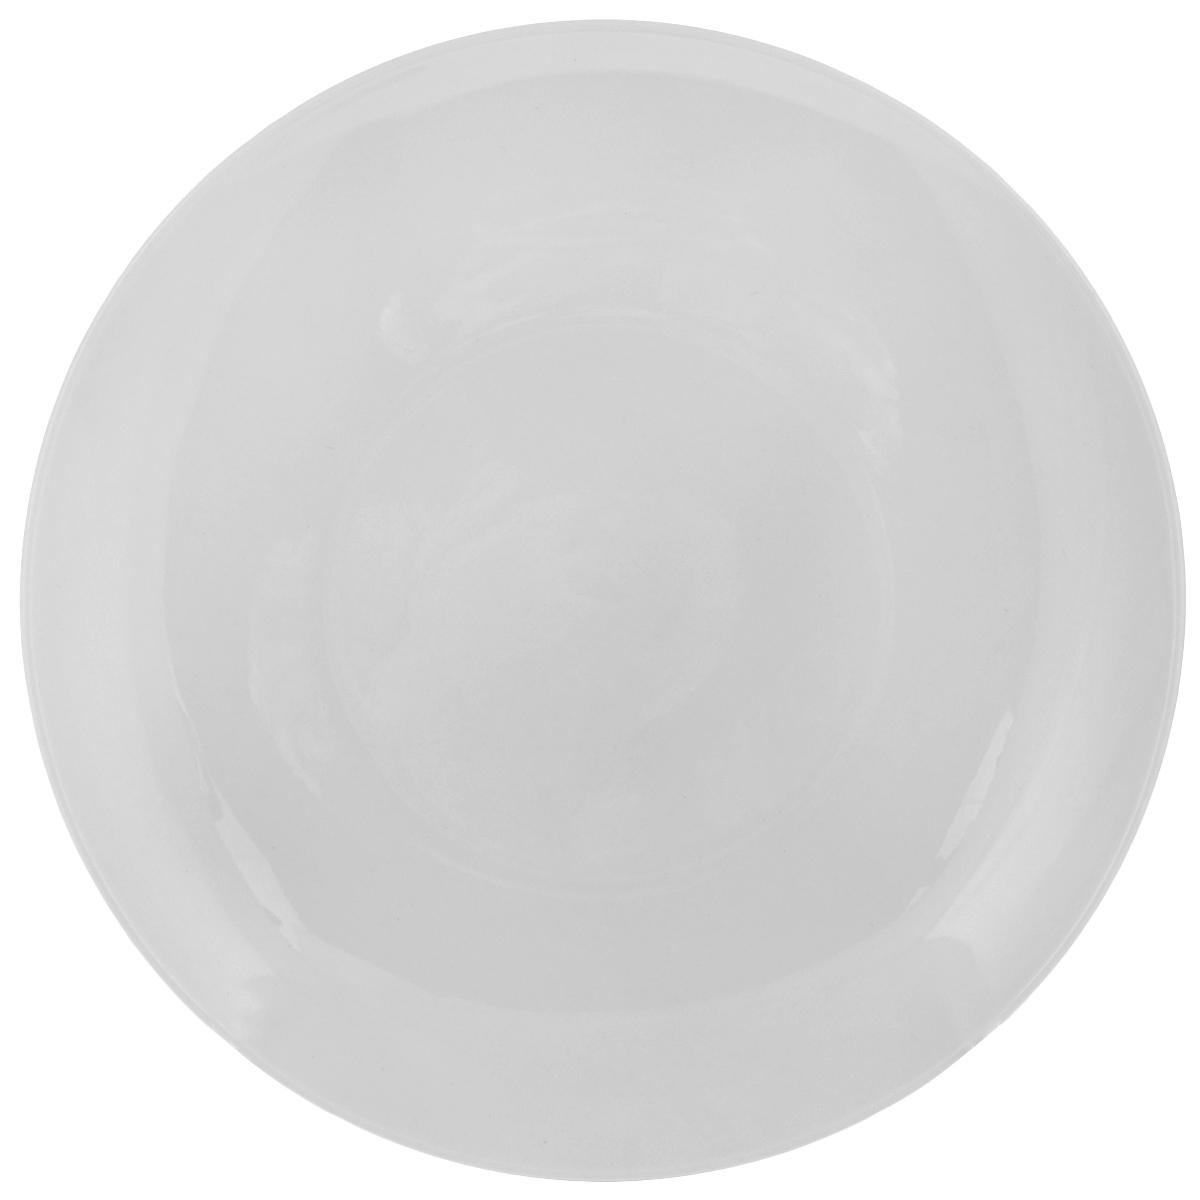 """Тарелка Tescoma """"Crema"""" выполнена из высококачественного фарфора однотонного цвета и прекрасно подойдет для вашей кухни. Такая тарелка изысканно украсит сервировку как обеденного, так и праздничного стола. Предназначена для подачи десертов.  Пригодна для использования в микроволновой печи. Можно мыть в посудомоечной машине. Диаметр: 19,5 см. Высота тарелки: 2,5 см."""